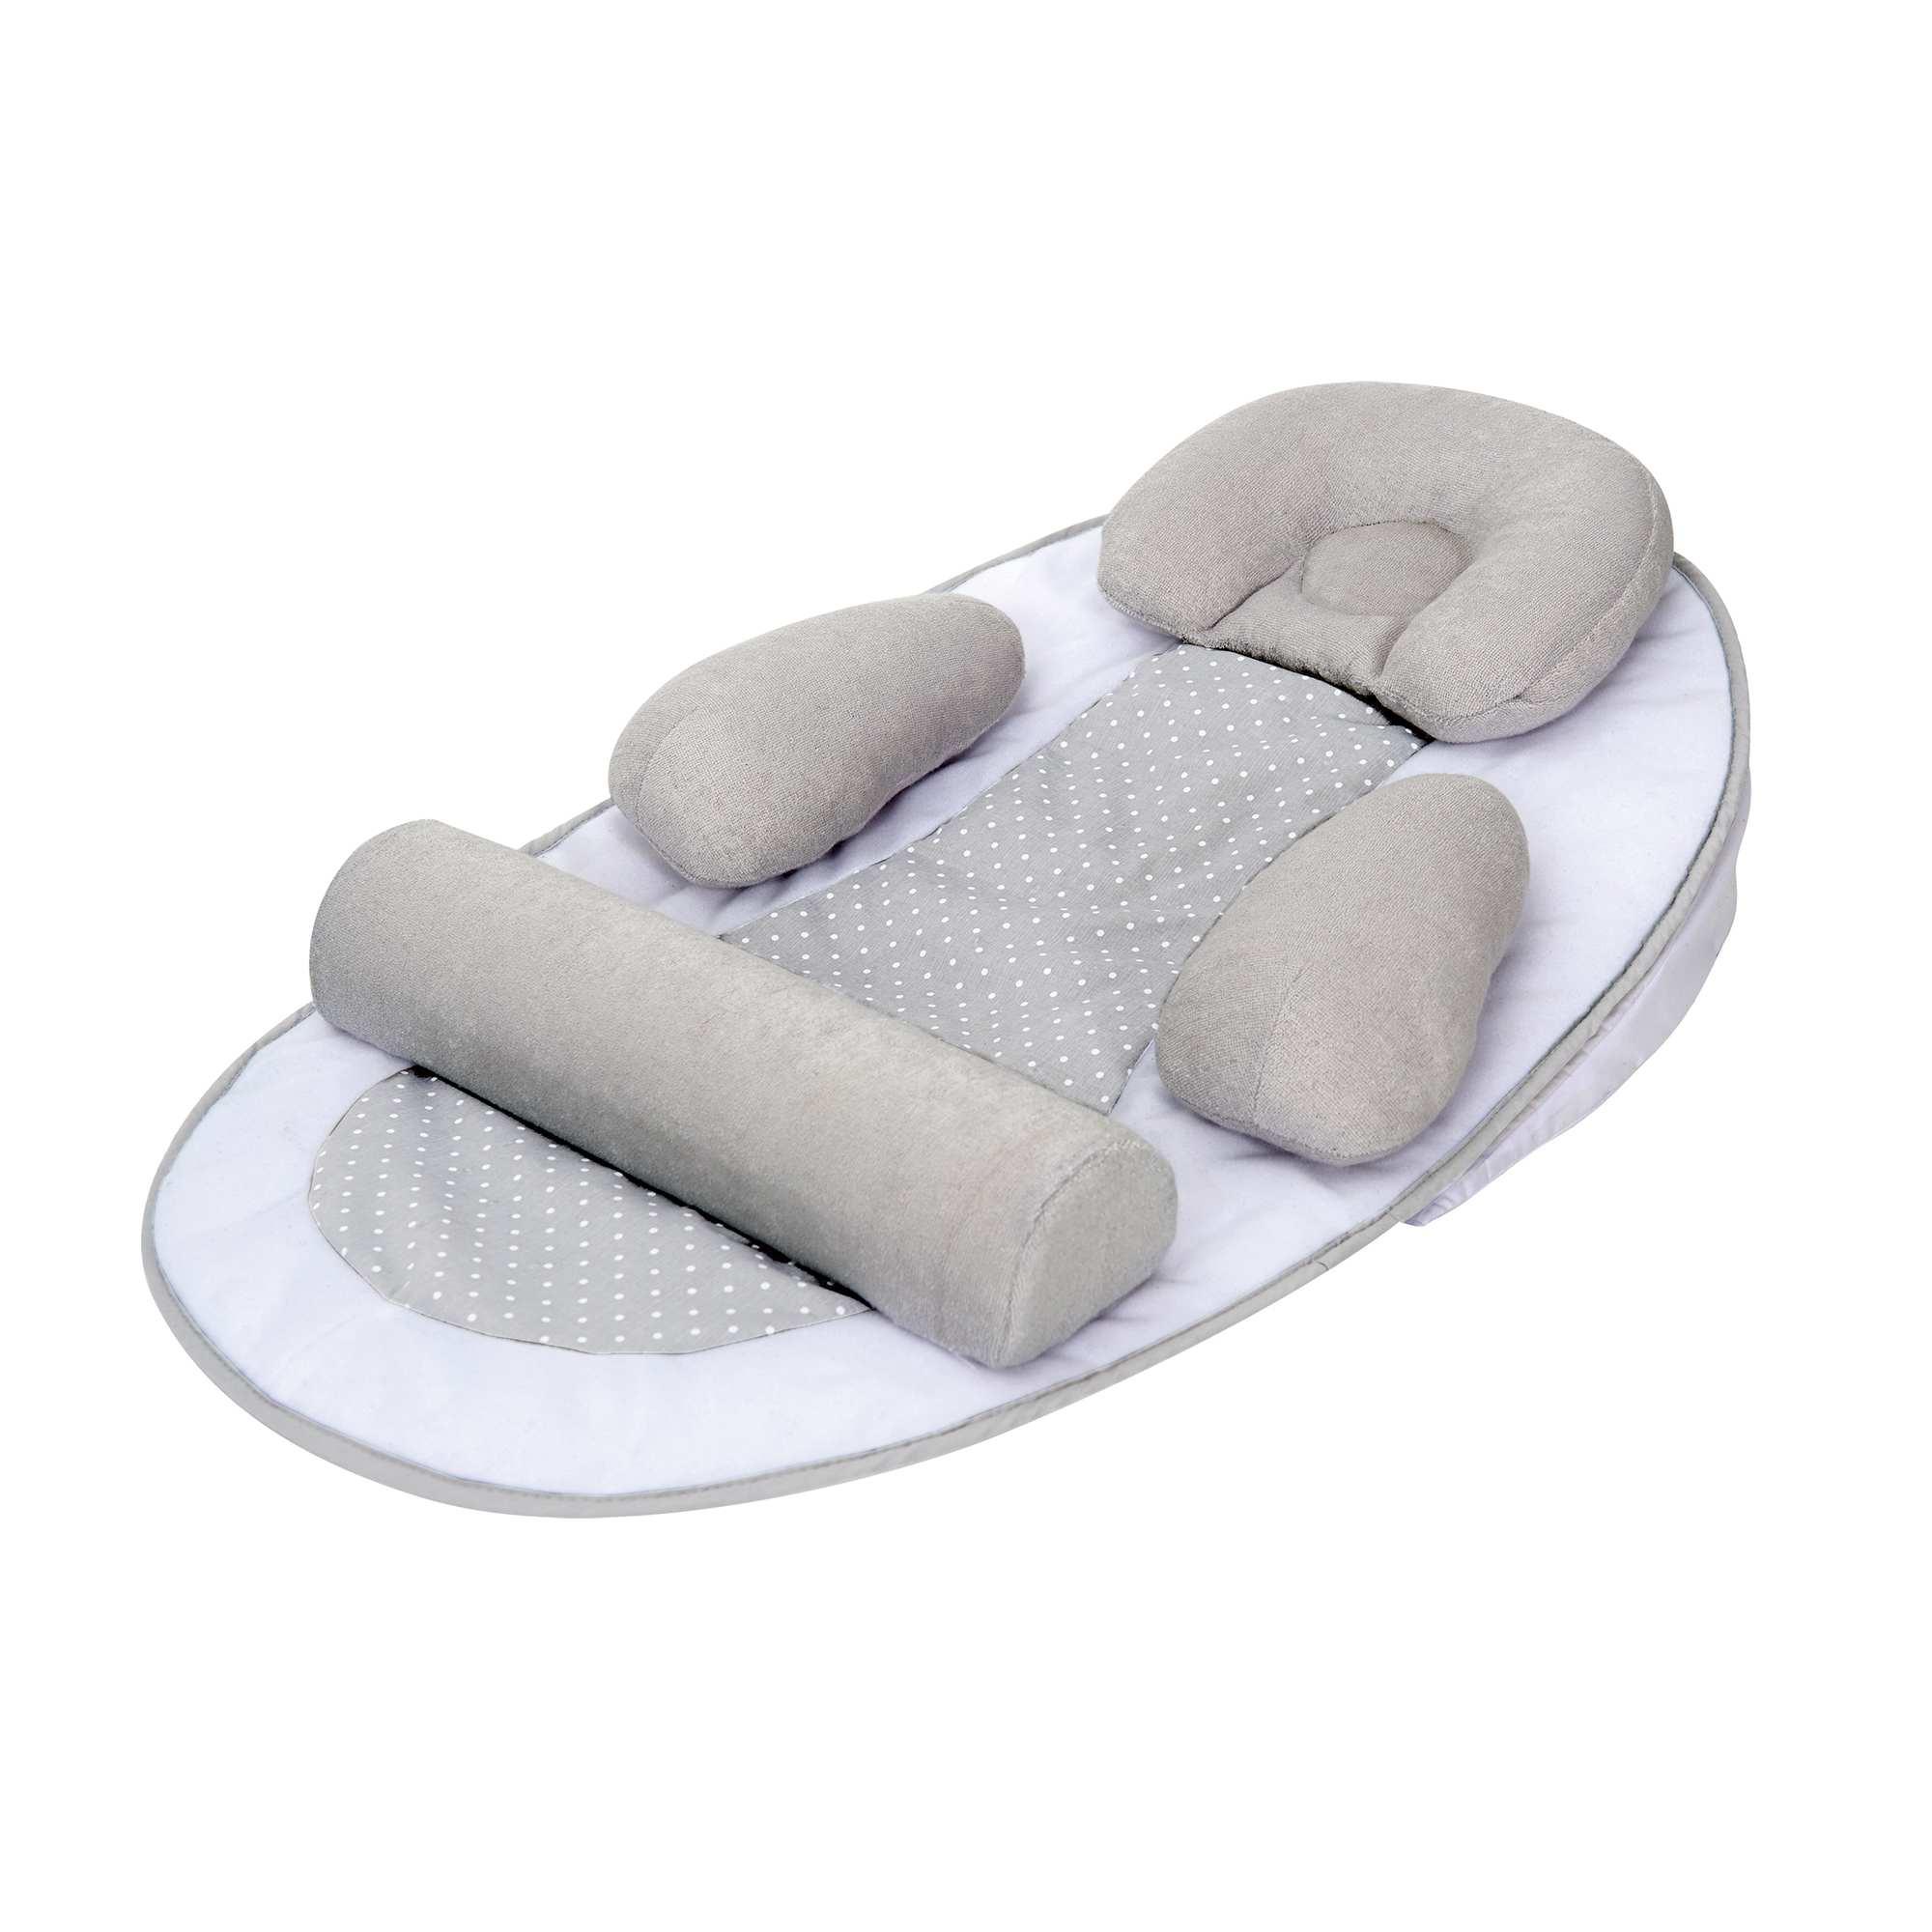 Couleur : gris, , ,, - Taille : TU, , ,,Support de couchage ergonomique 'Tinéo'. - Plan incliné - Cale-tête amovible et